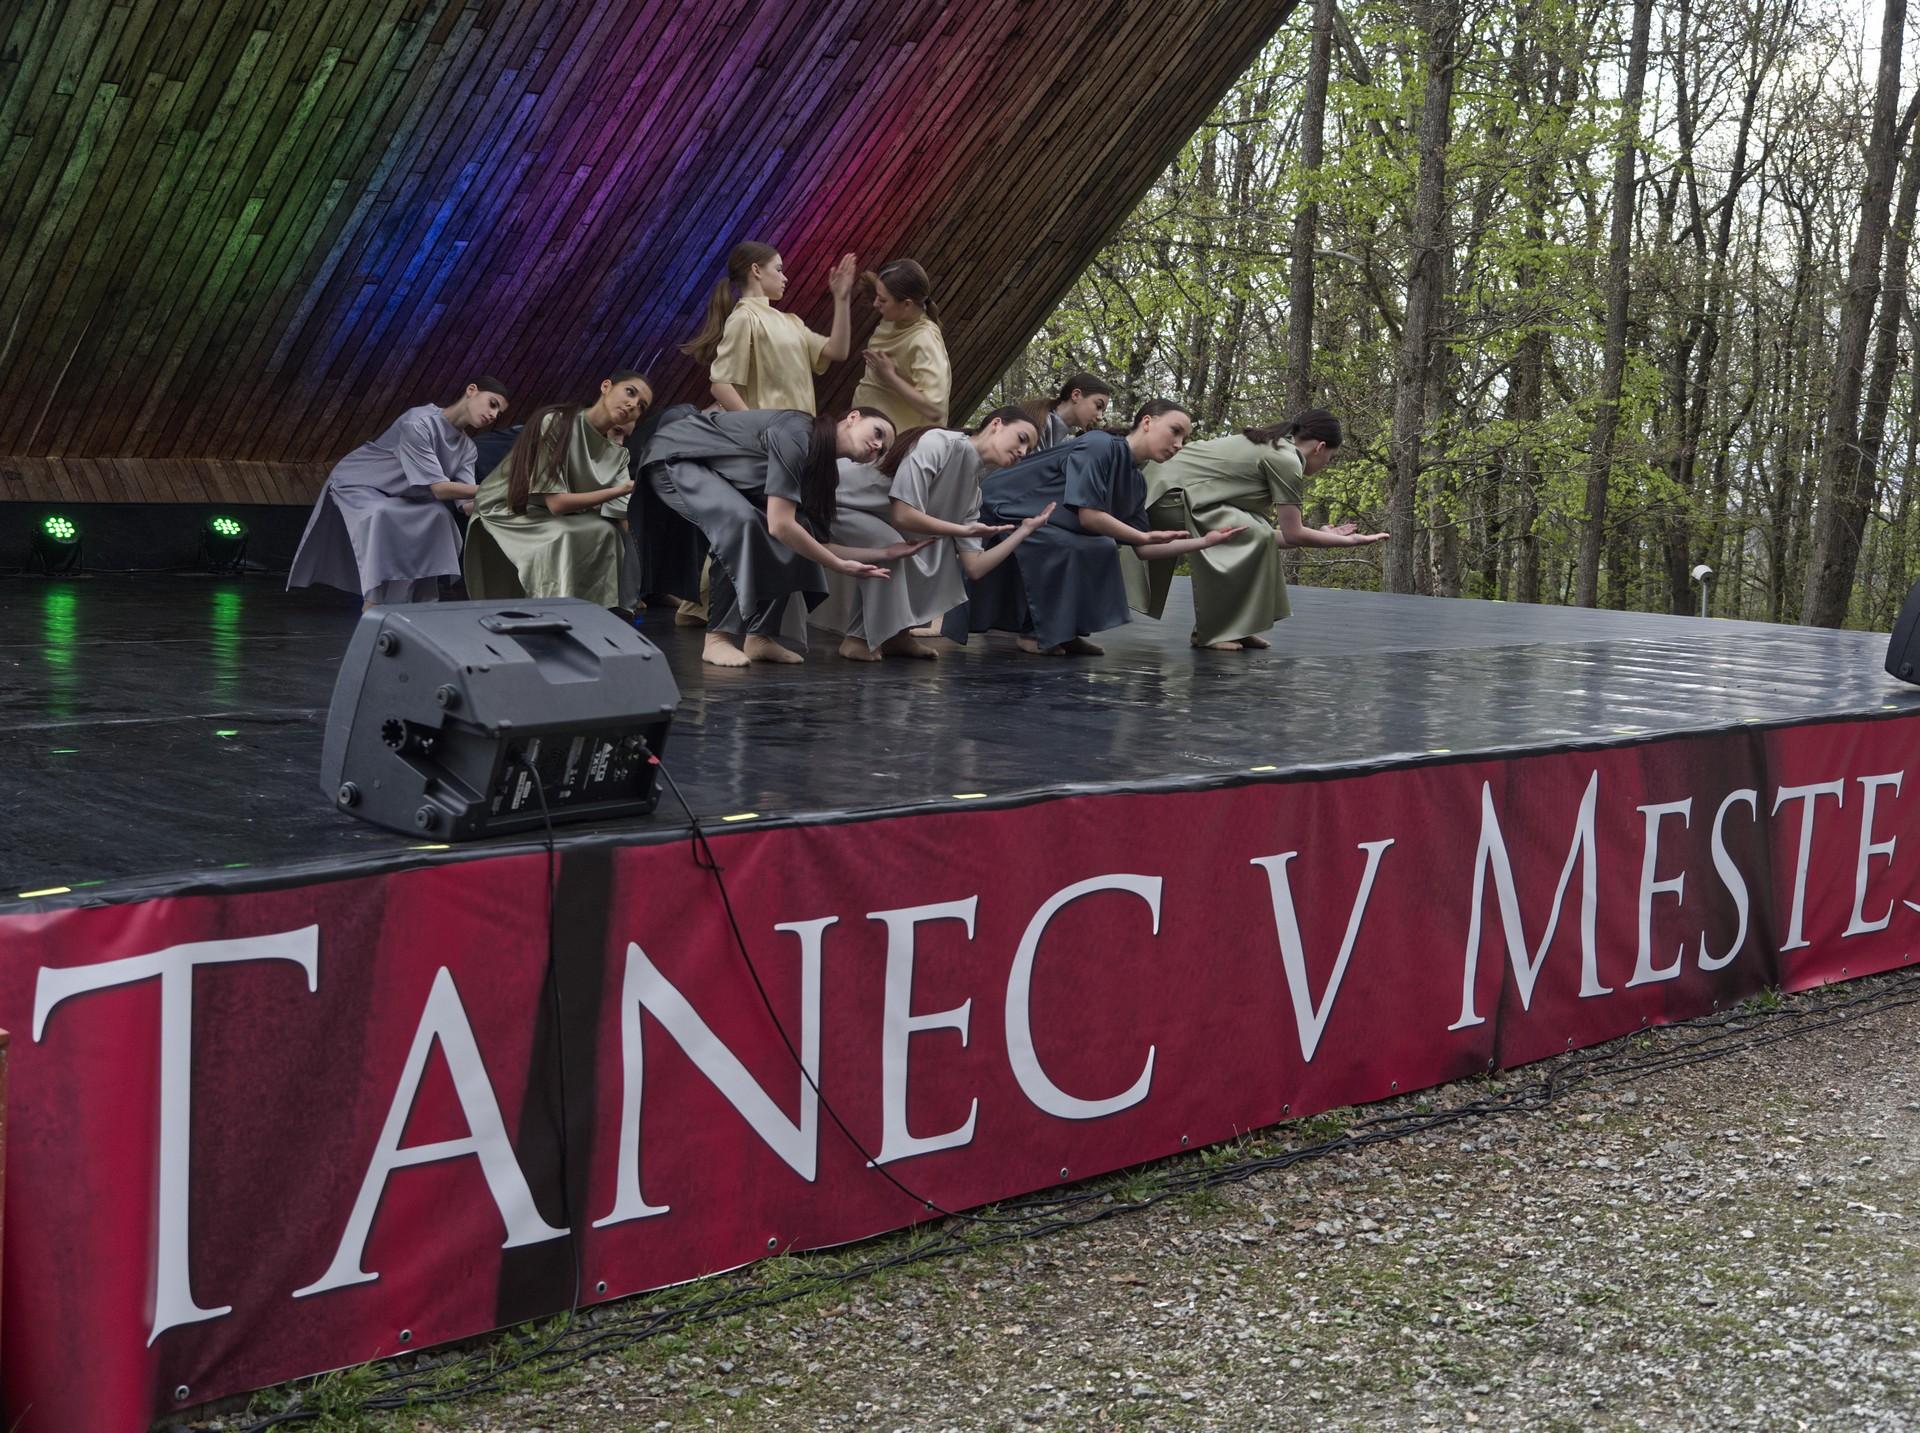 TanecVMeste10